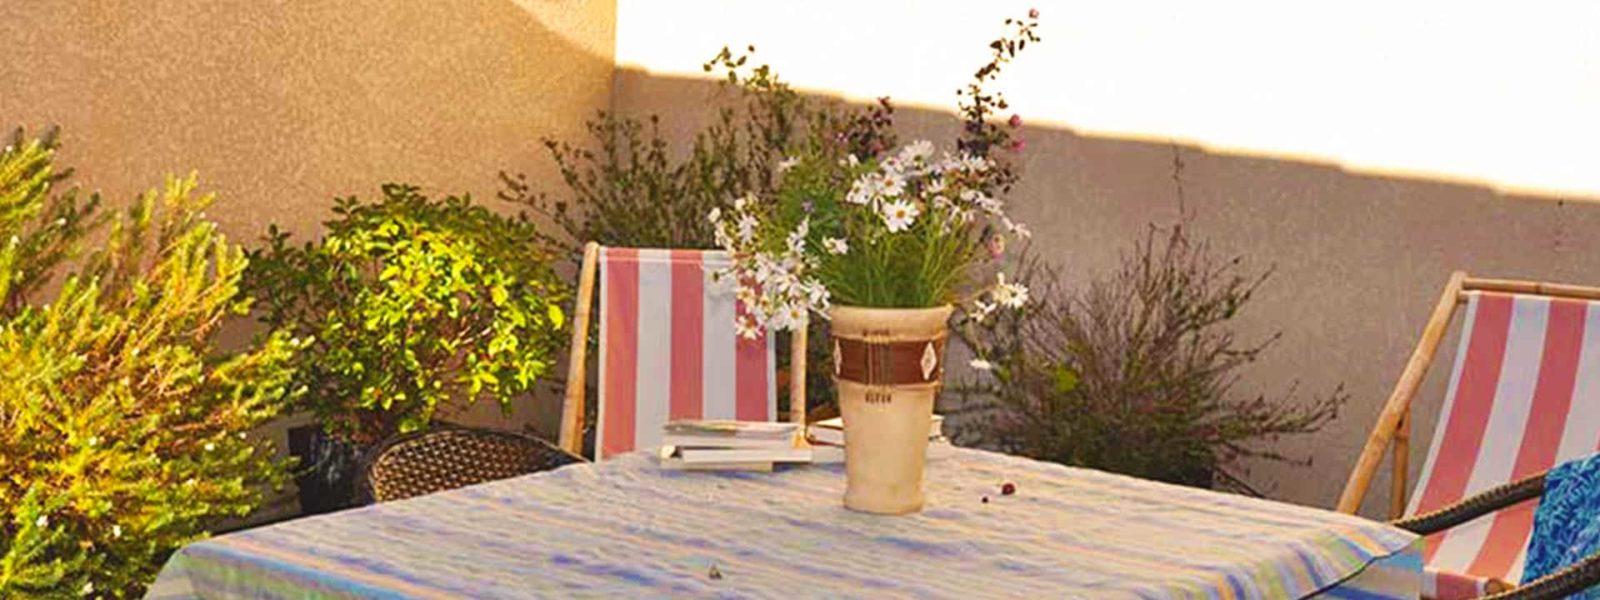 Location duplex pour 4 en Corse du Sud - Le Patio, Casa Favalella